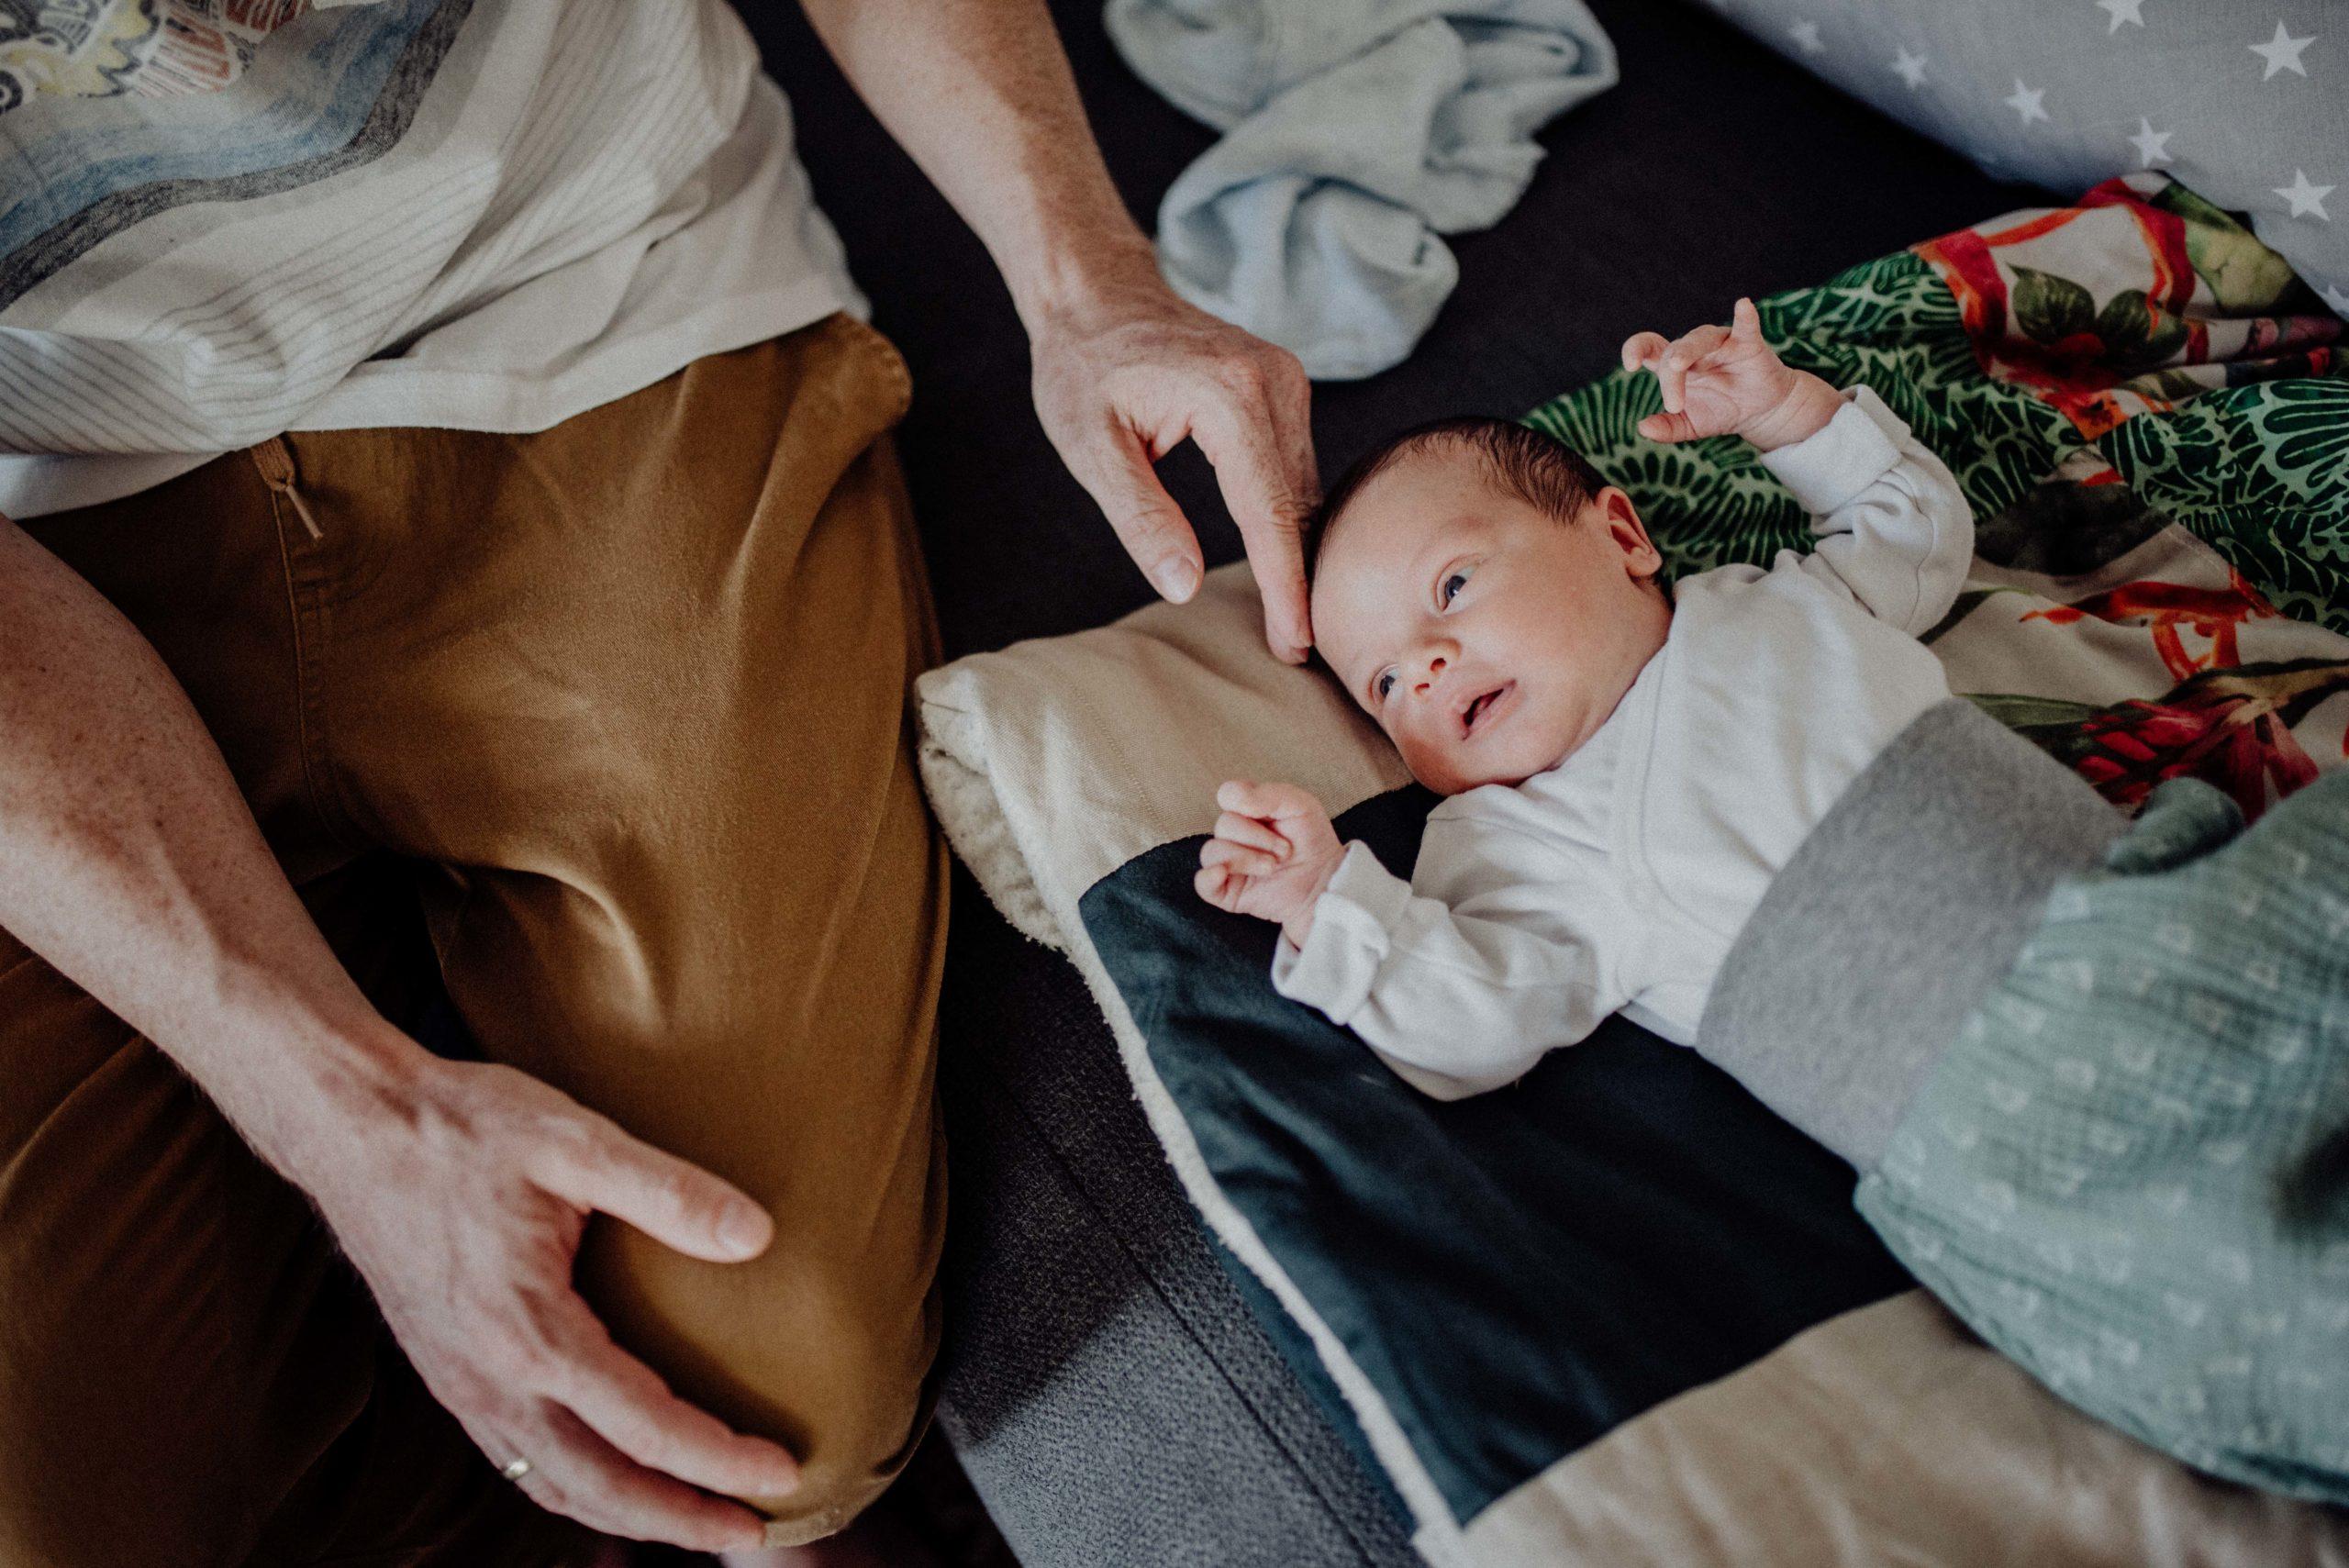 006-Witten-Homestory-Homesession-Newborn-Baby-Fotoshooting